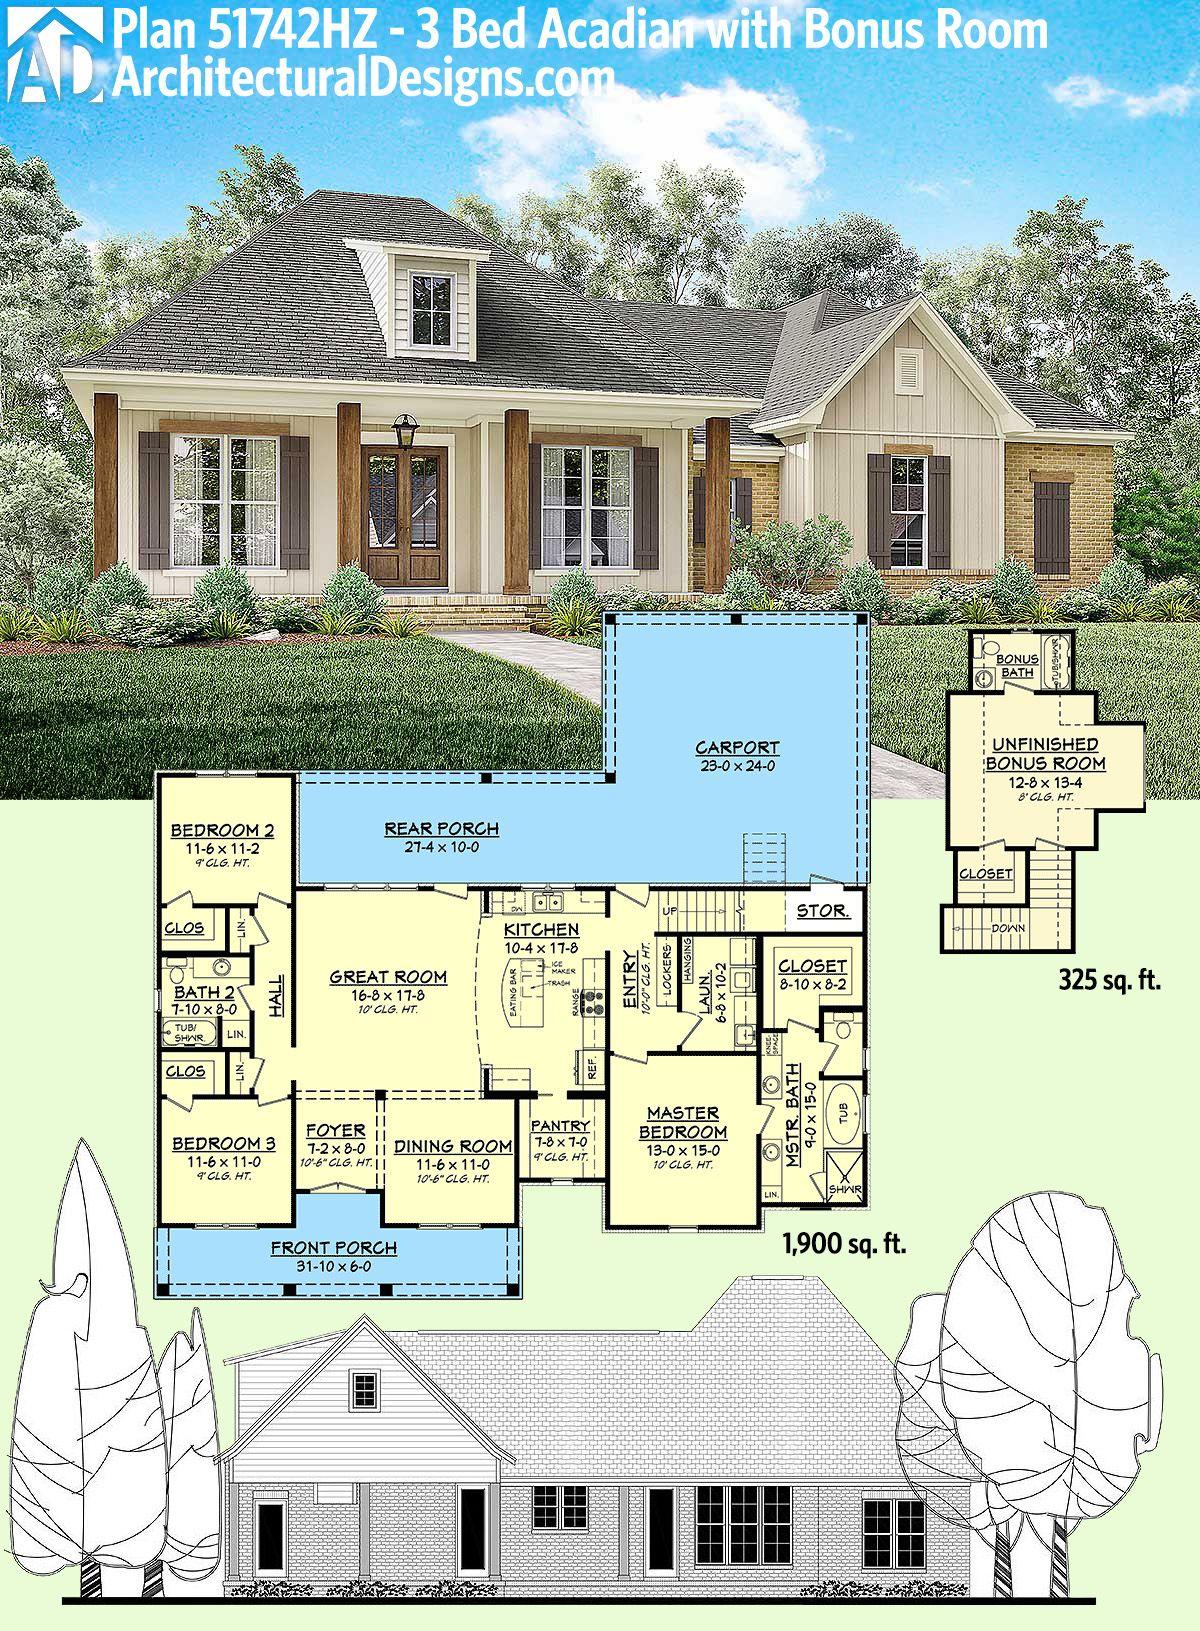 Plan 51742hz 3 Bed Acadian Home Plan With Bonus Over Carport